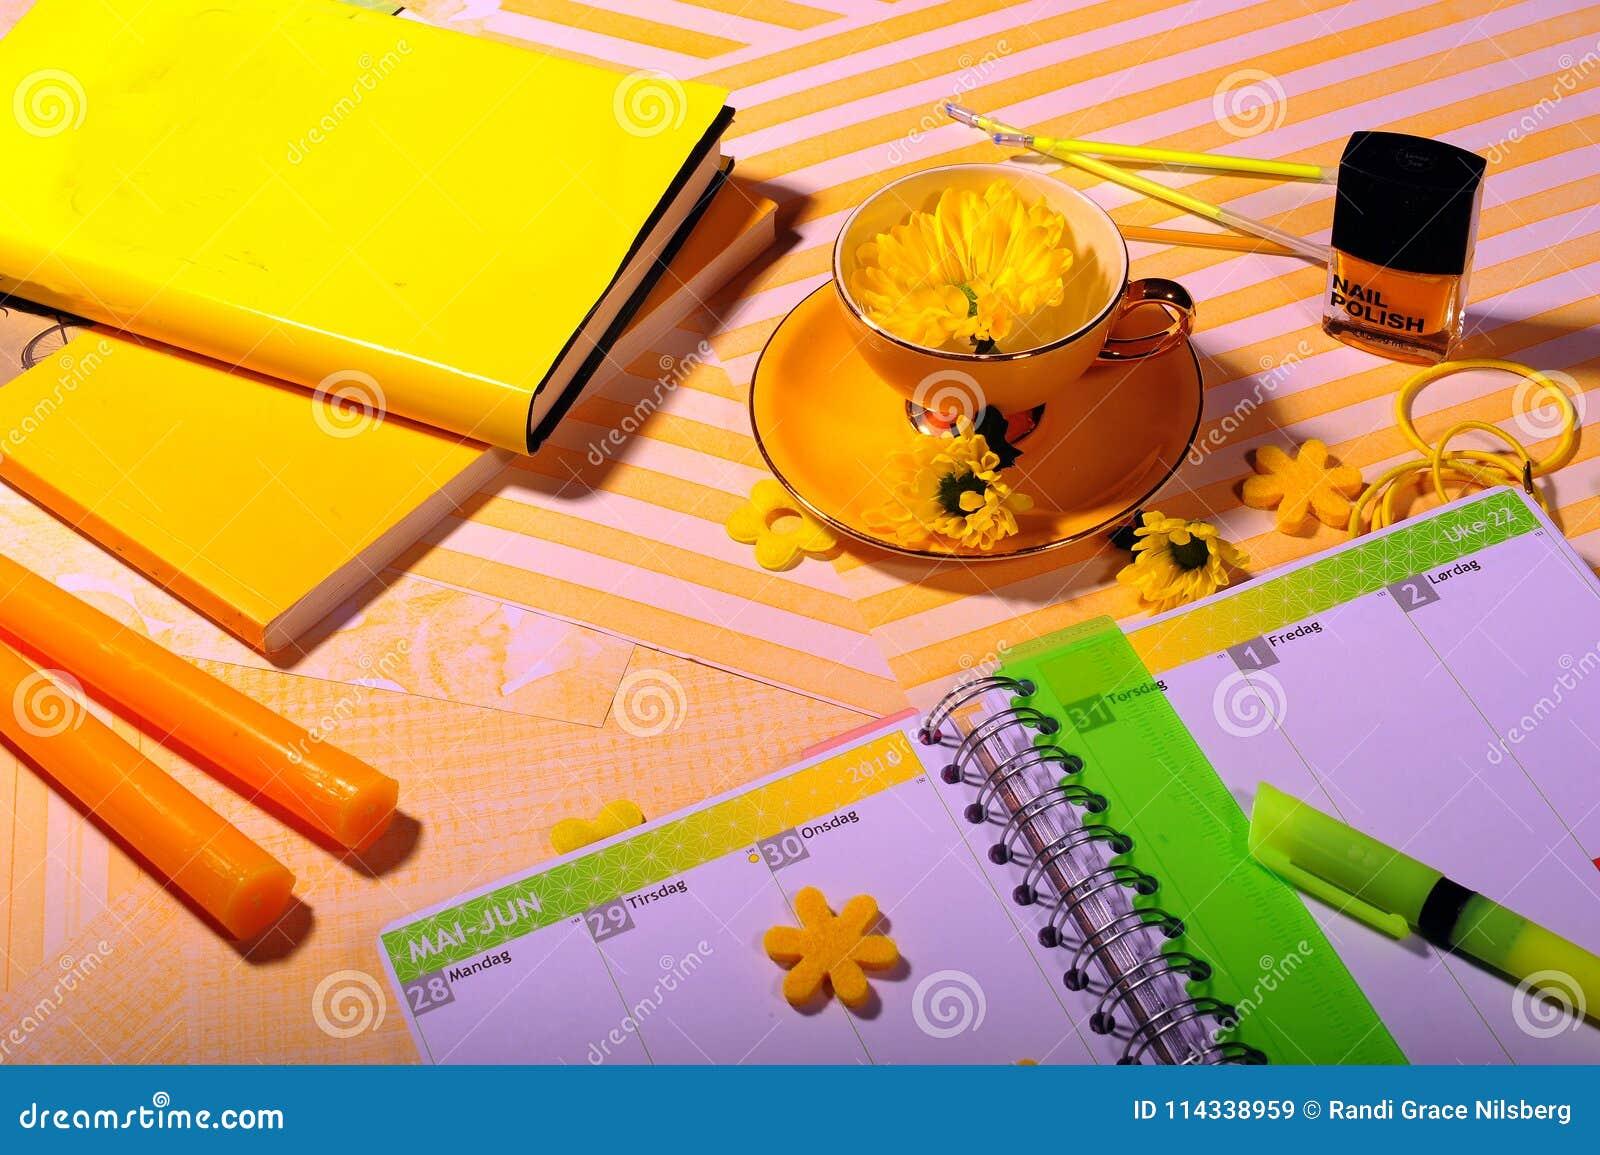 Fiori Gialli Libri.Libri Gialli Penne Candele Smalto Immagine Stock Immagine Di